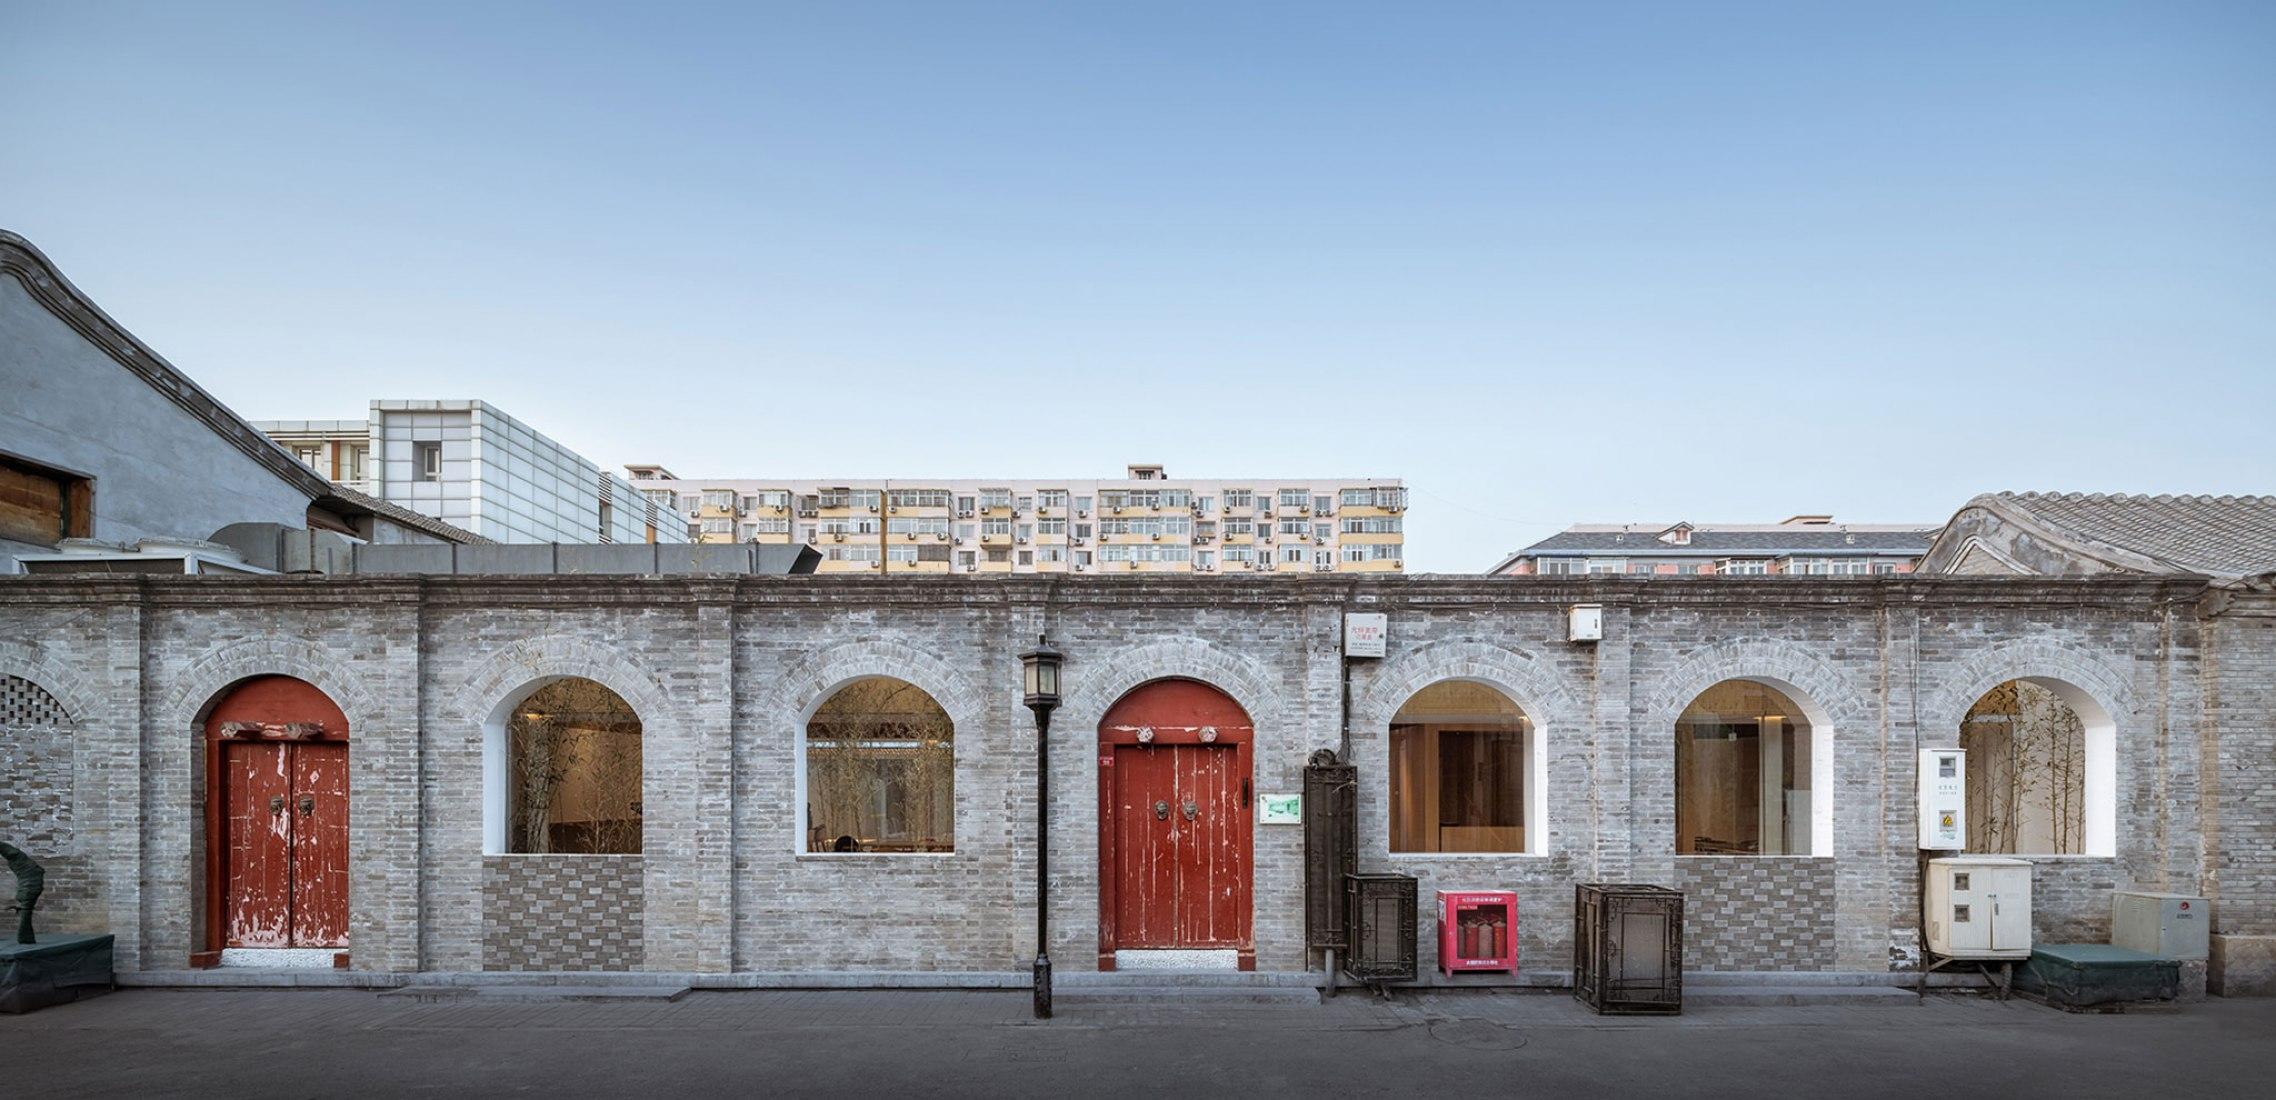 Vista exterior del acceso. Patio de capas múltiples por Archstudio. Fotografía © CreatAR Images (Luo Juncai)